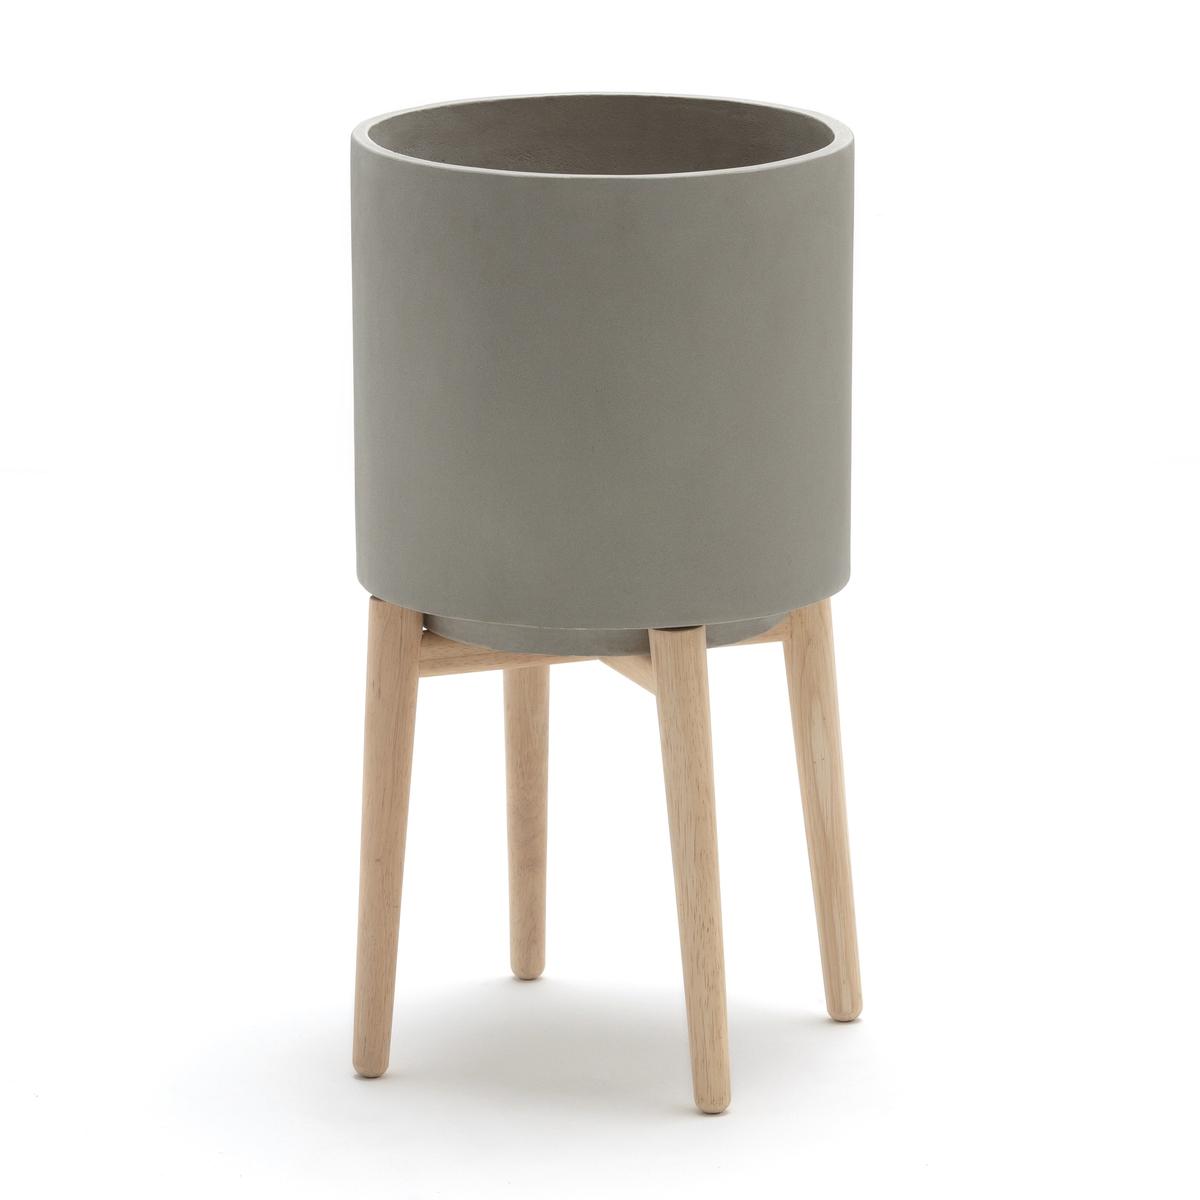 Кашпо Выс.58,5 см, FlorianLa Redoute<br>Декоративное кашпо из цемента на складной деревянной подставке. Идеален для украшения ваших растений.Характеристики : - Из цементаПодставка из гельвеи    Размеры  : - ?34 x 58,5 см- Горшок: ?31 x 30,5 см<br><br>Цвет: серый цементовый<br>Размер: единый размер